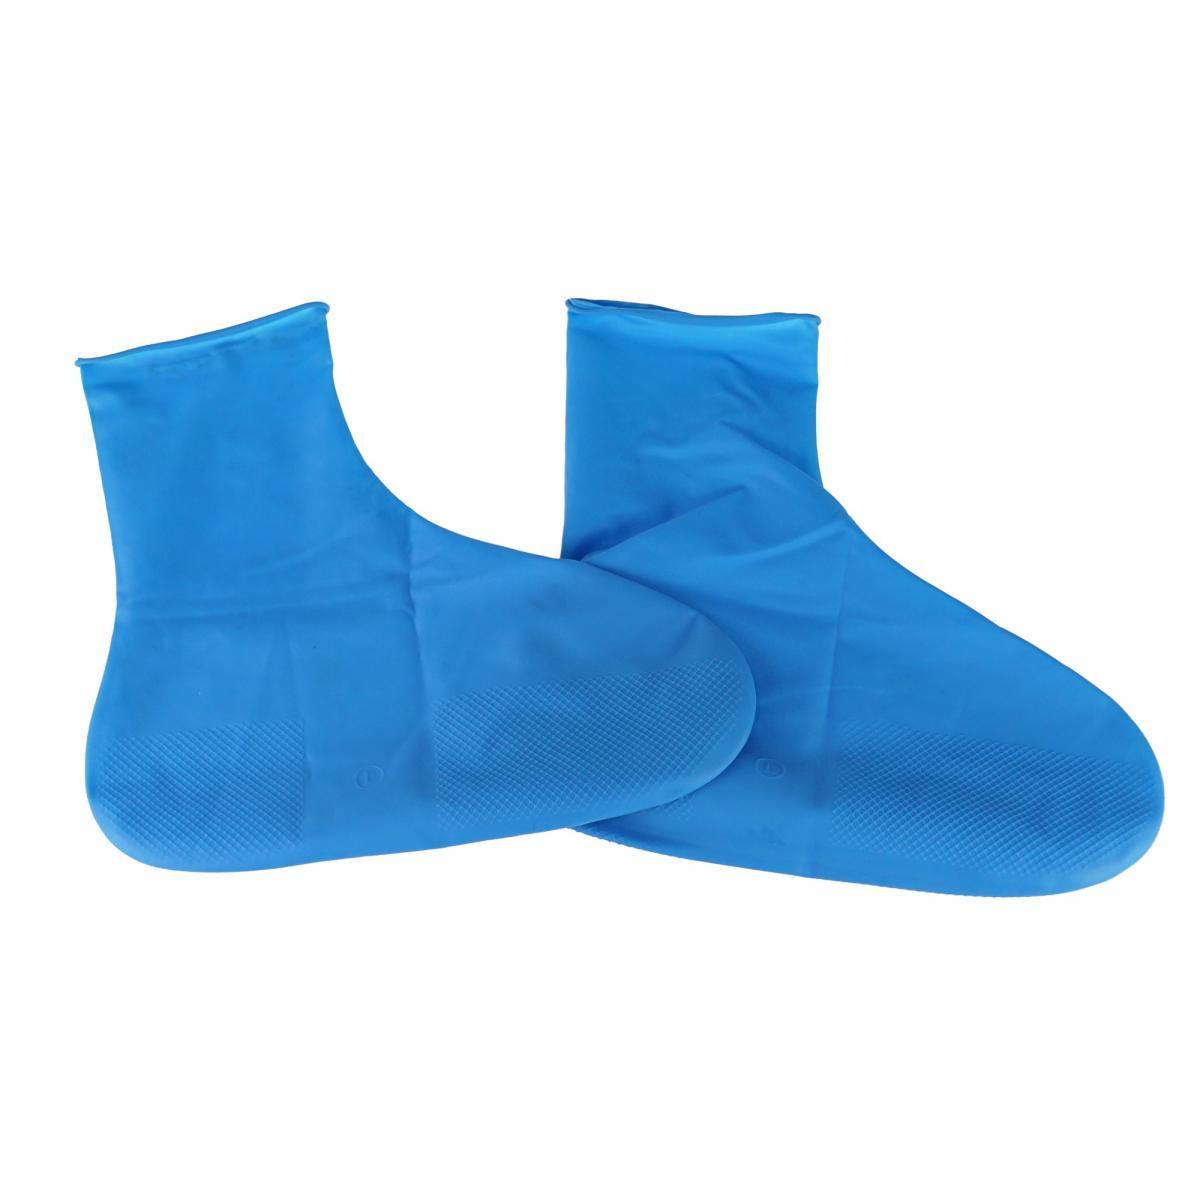 Резиновые бахилы на обувь от дождя, размер M Дачный сезон!